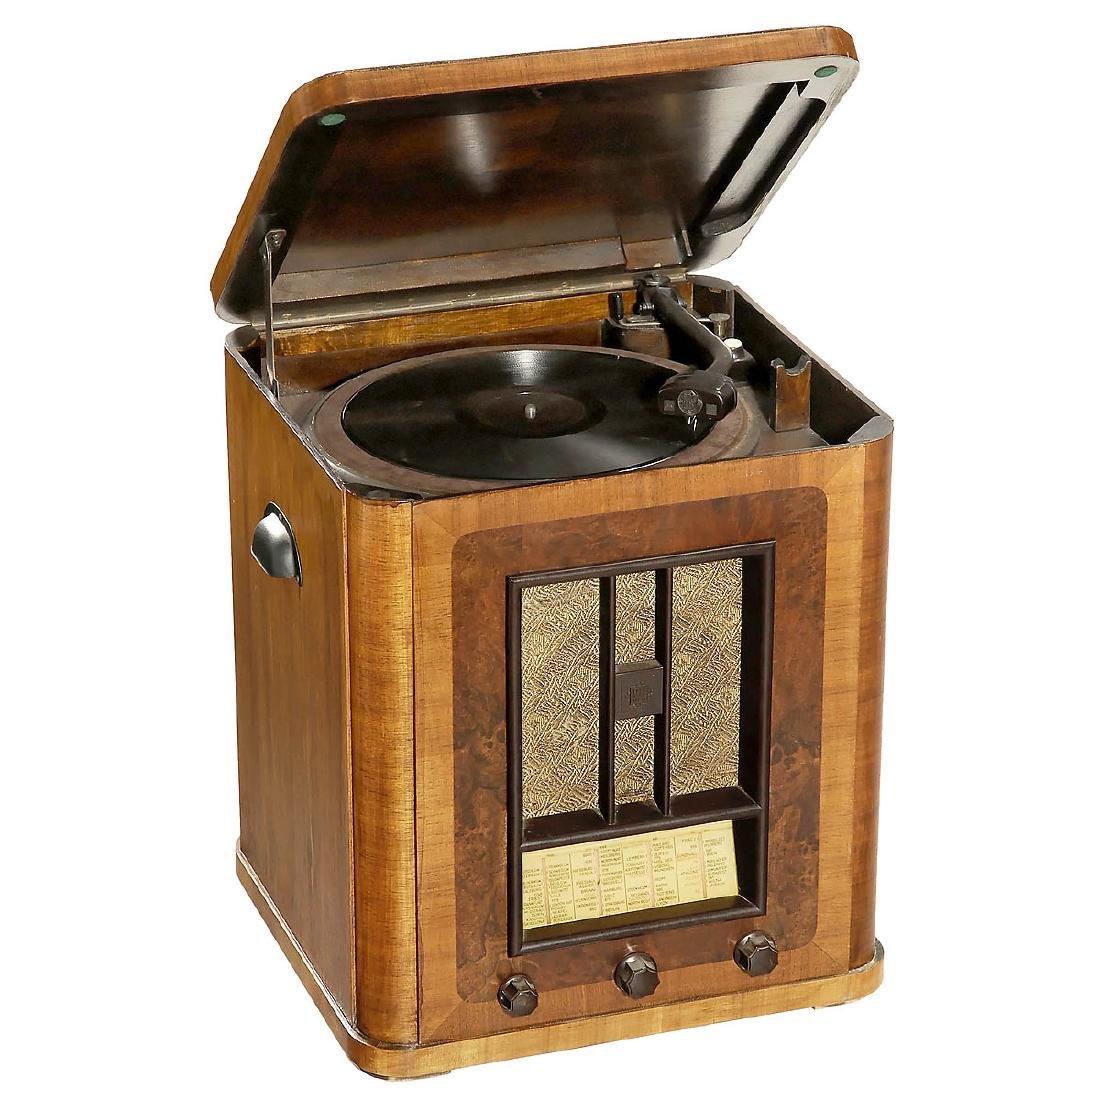 Telefunken-Super 330 aWS - Nauen Radio, 1934